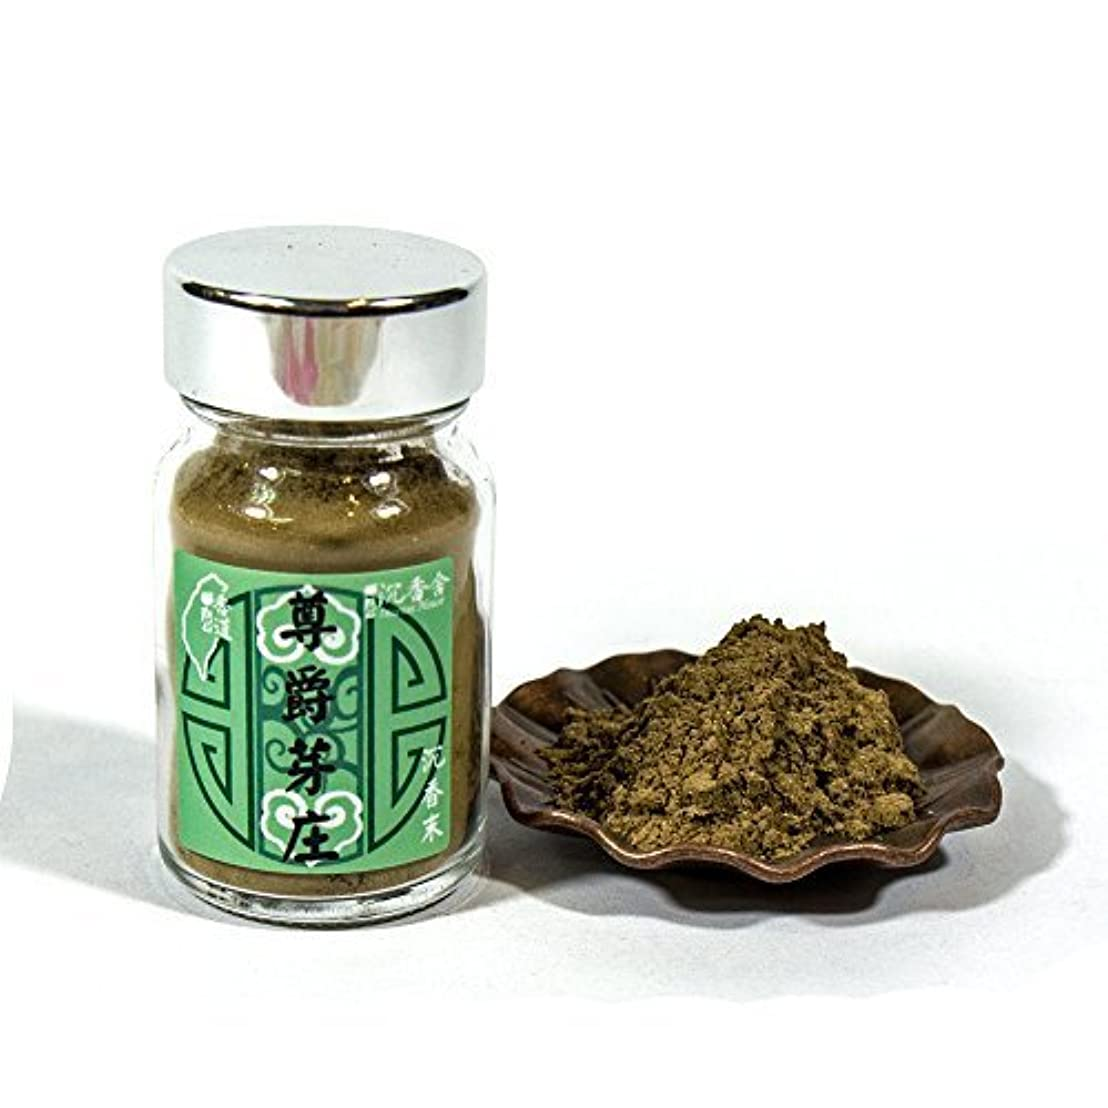 逆にギャング割り込みAgarwood Aloeswood Top Grade Old Stock NhaTrang Chen Xiang Incense Powder 10g by IncenseHouse - Raw Material [...